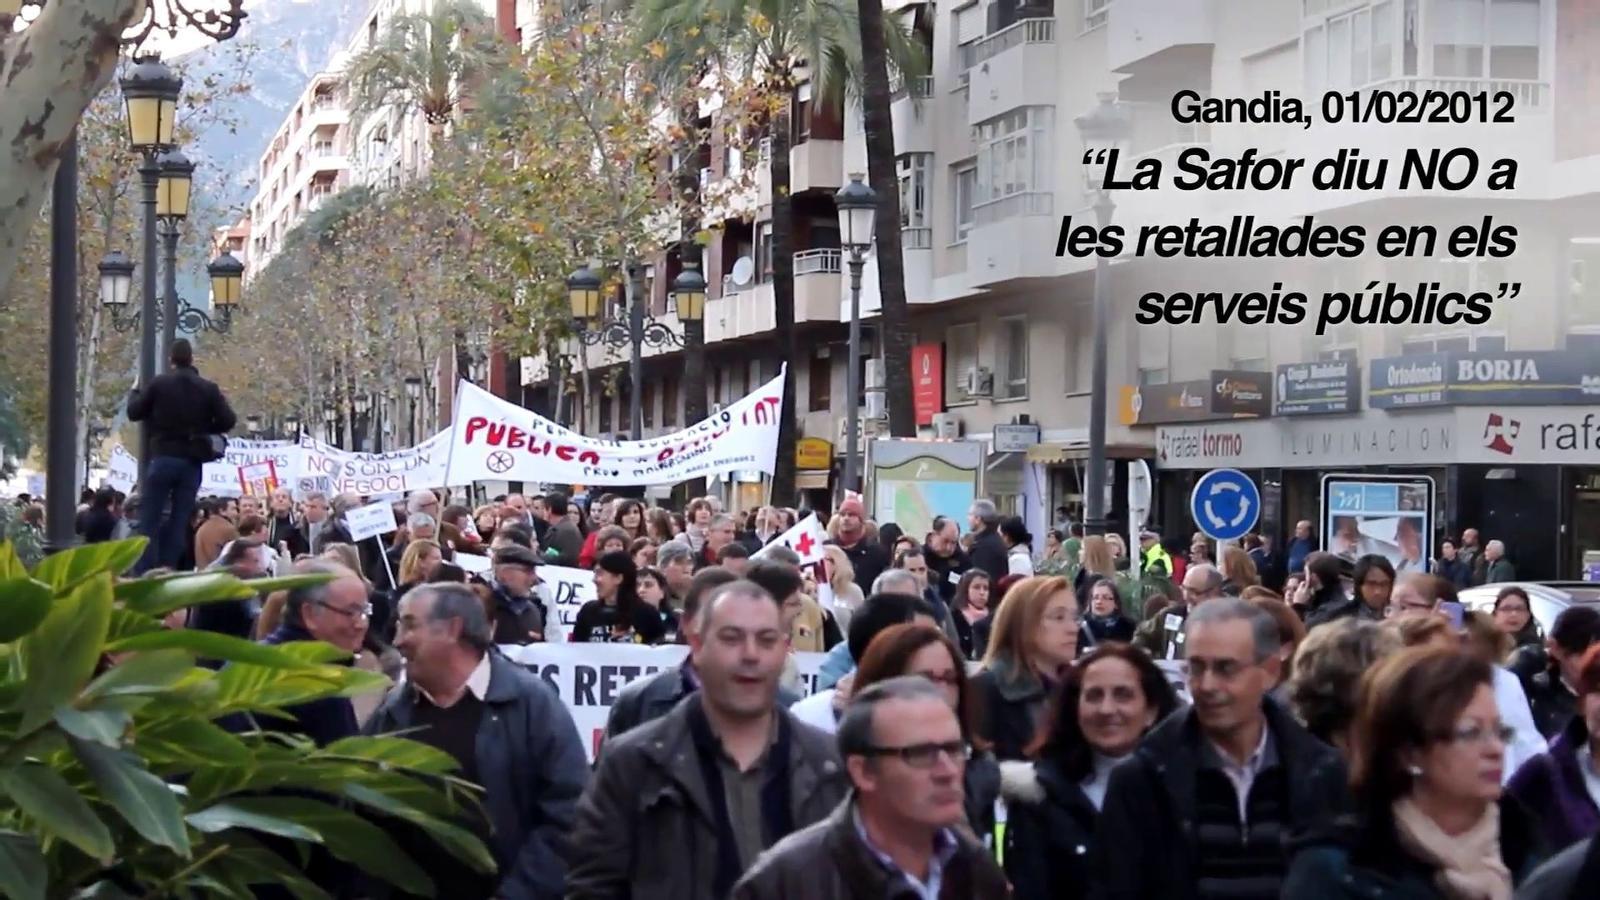 Manifestació a Gandia contra les retallades